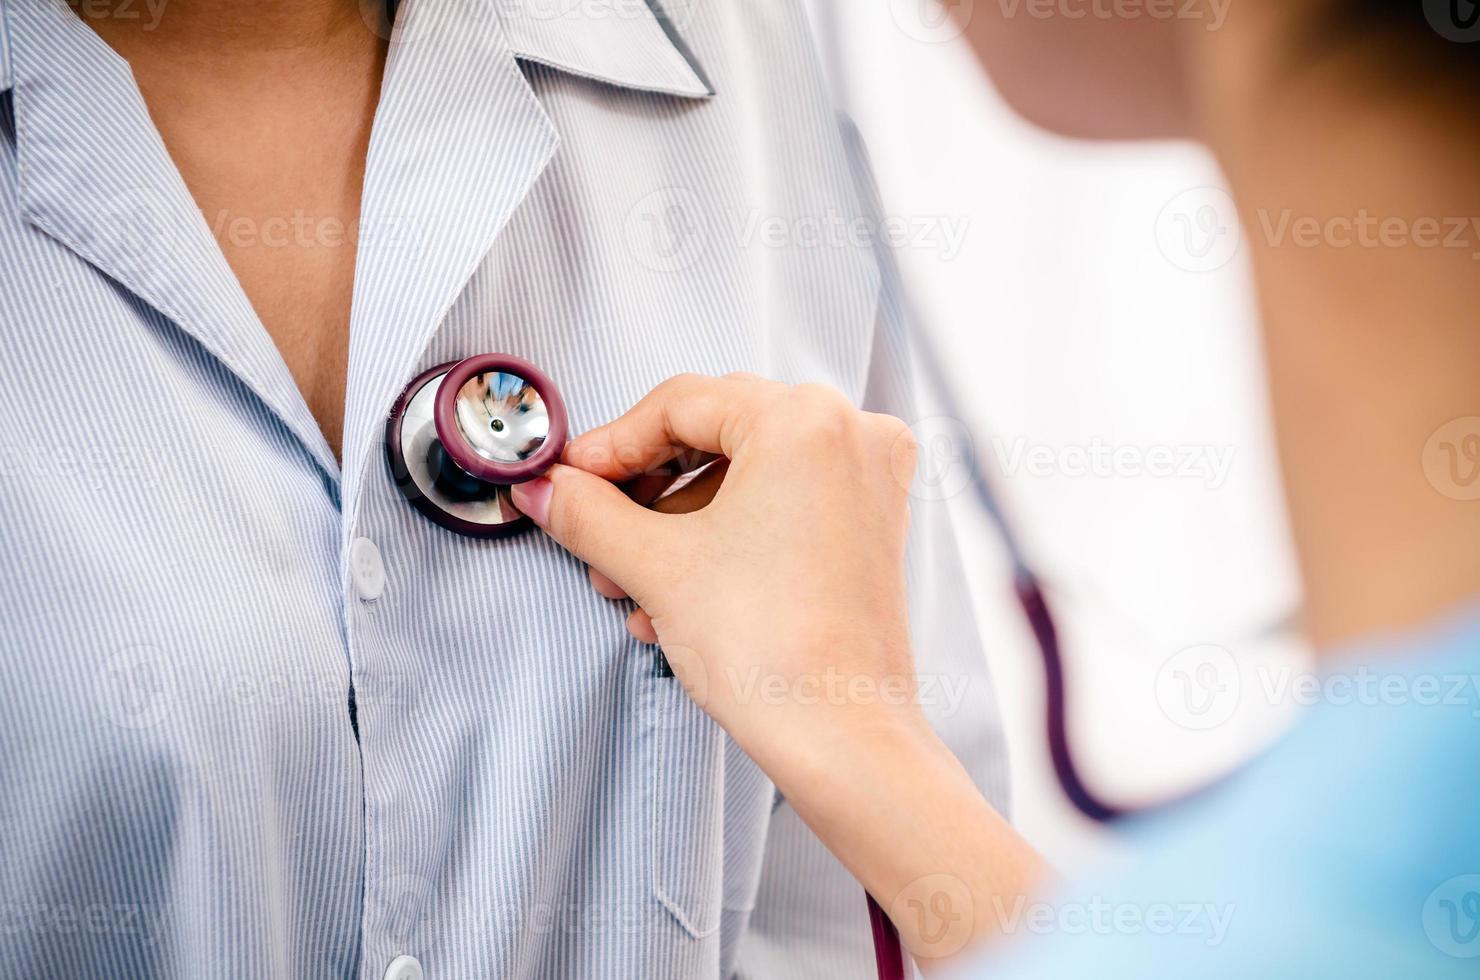 medico che ascolta il cuore del paziente foto